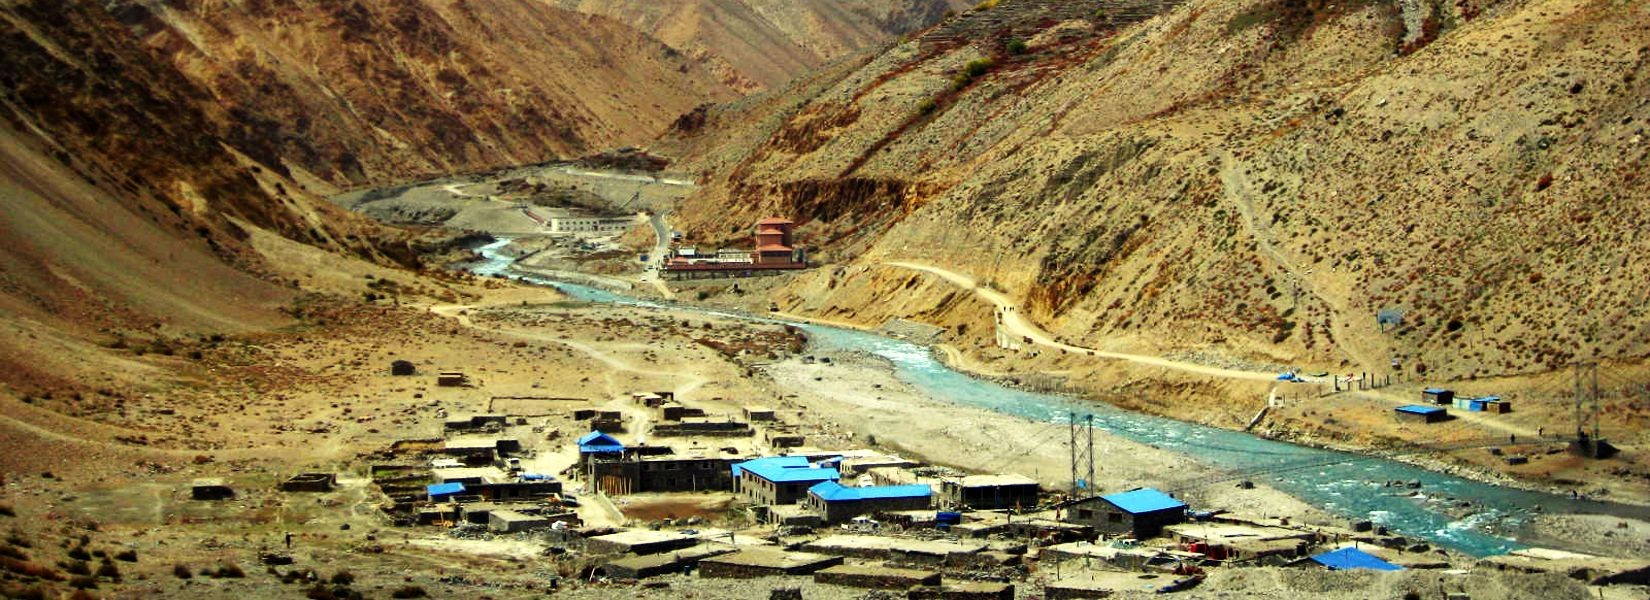 Limi Valley, Limi Valley Village, Limi Valley Trek, Karnali Village